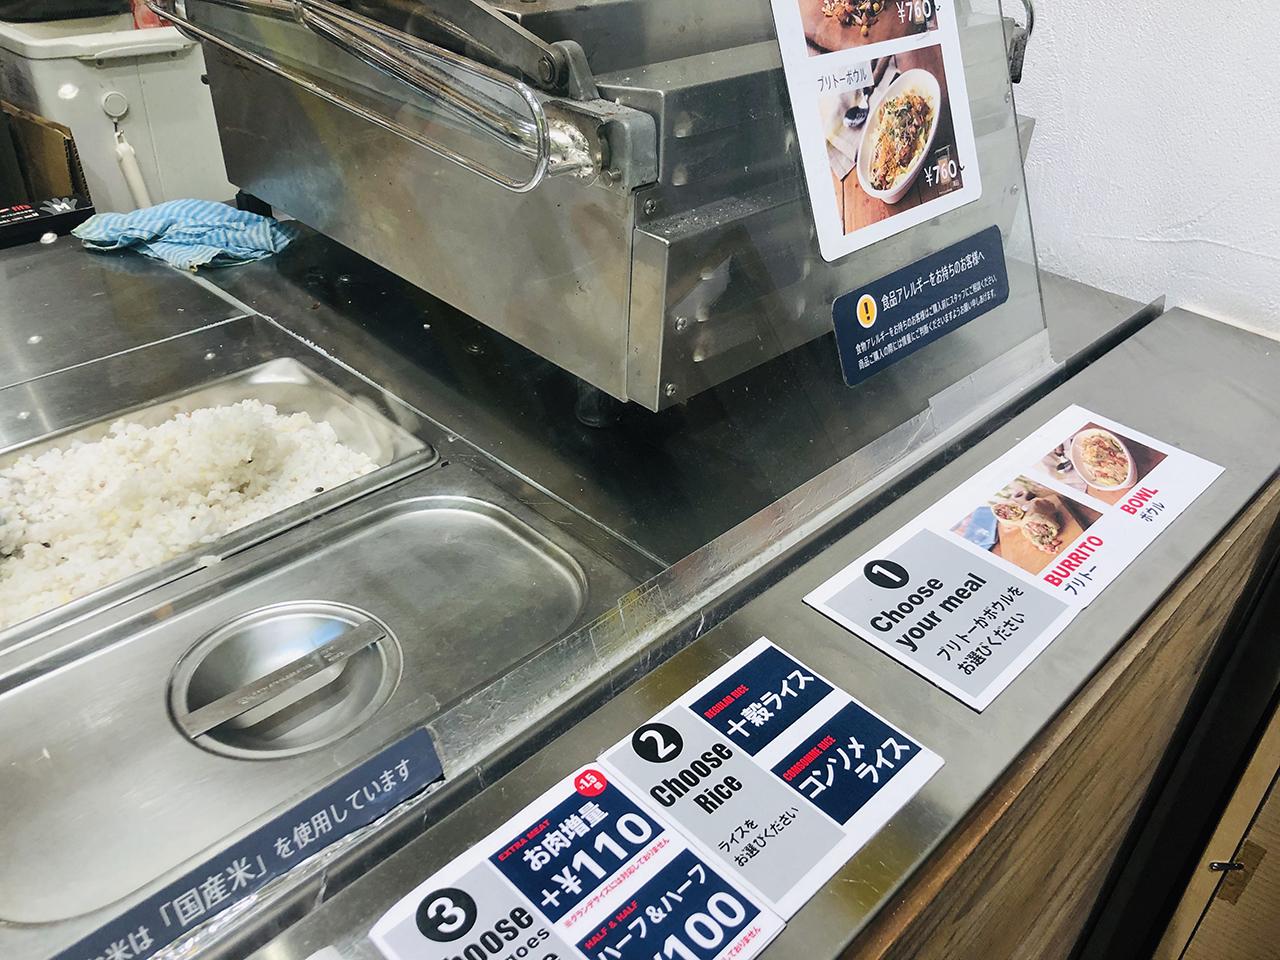 ウムウムグッドブリトーズ! (umum good burritos!)丸ビル店の投稿写真6